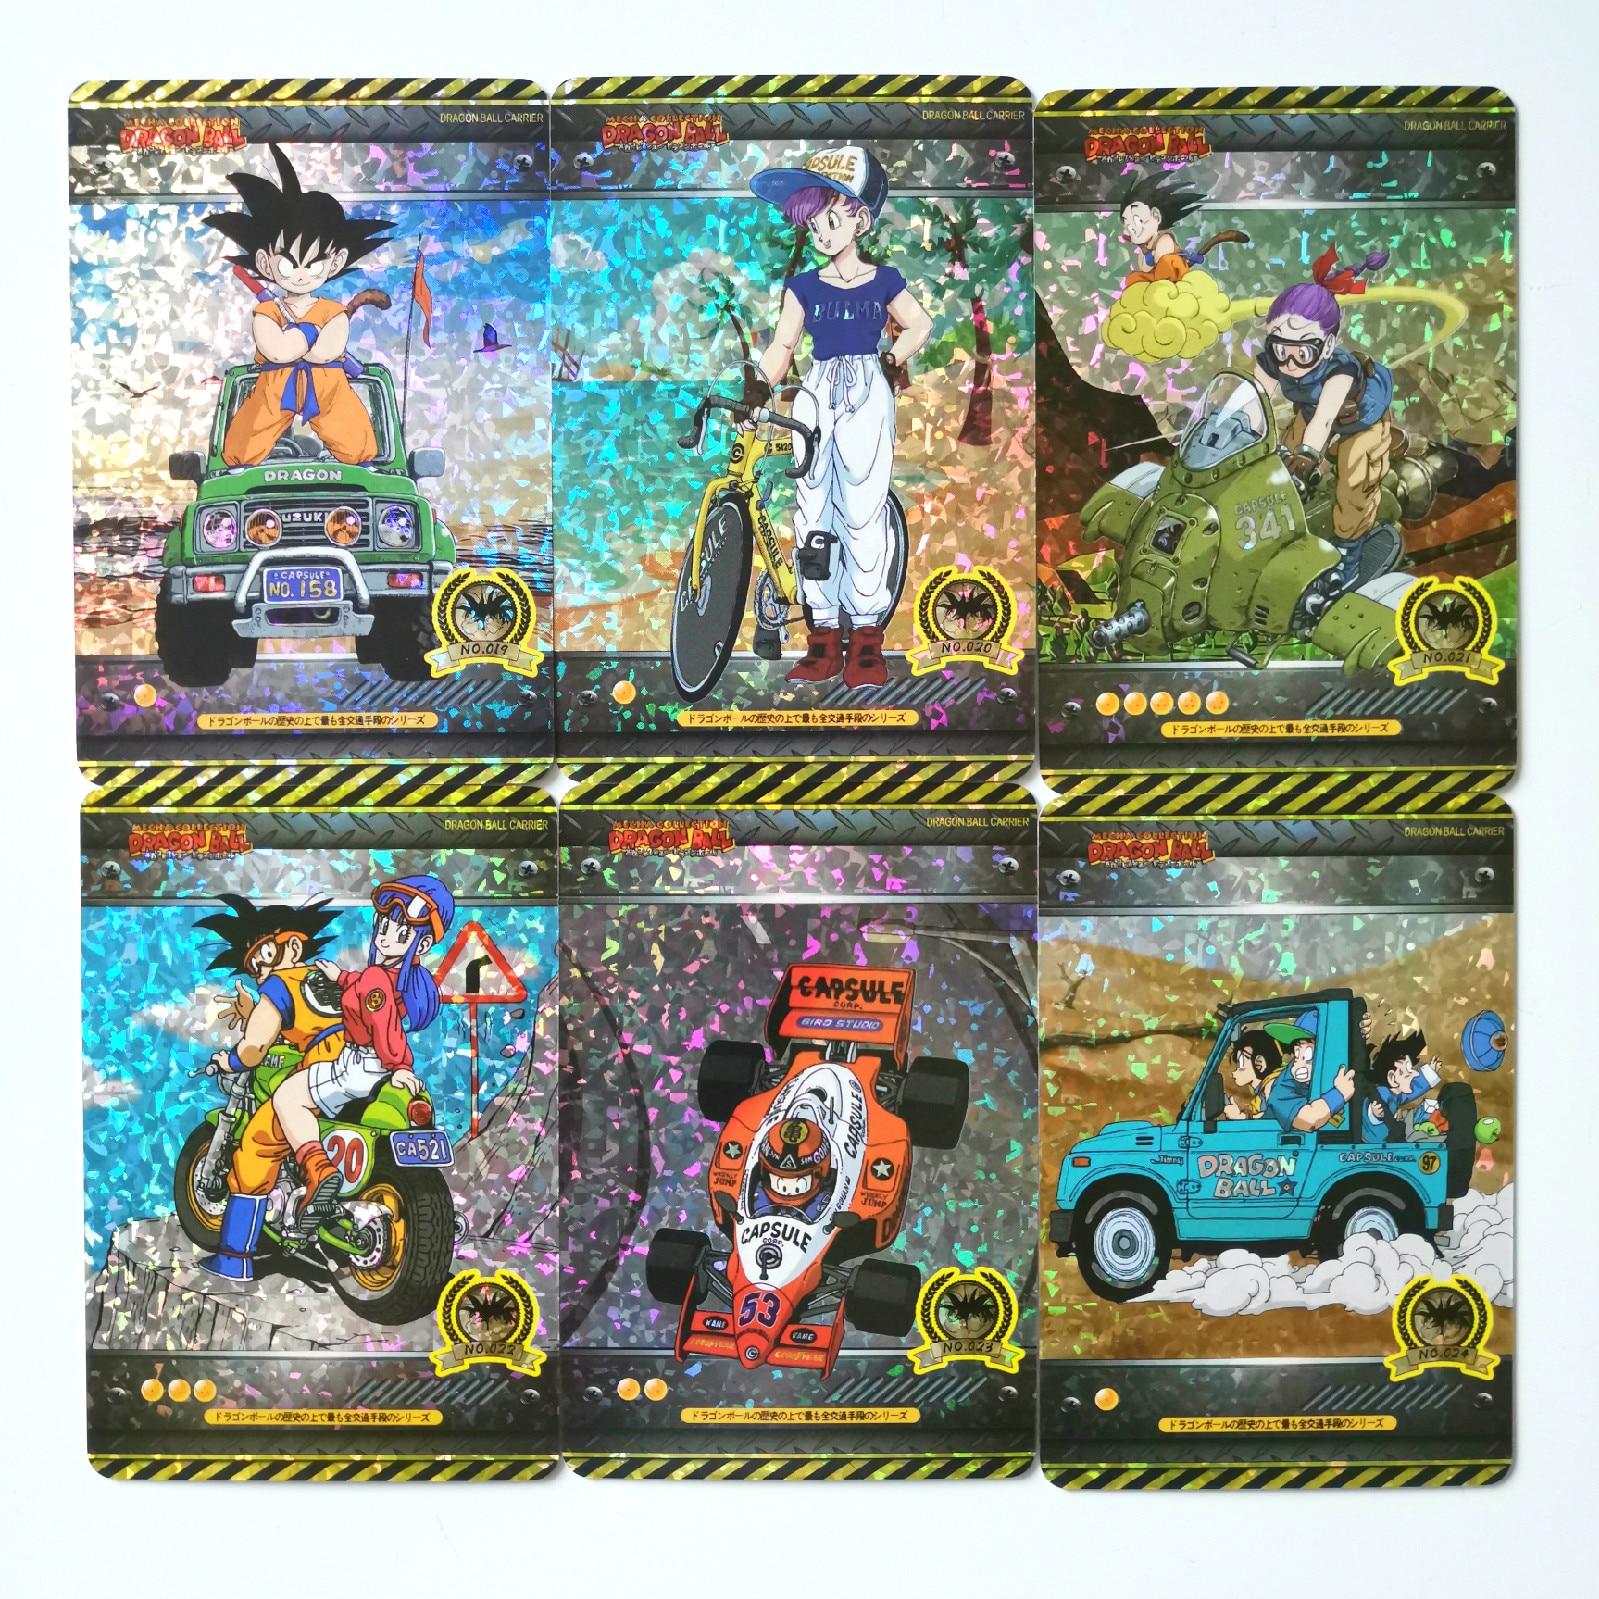 18 teile/satz Super Dragon Ball Z Fahrzeug Heroes Schlacht Karte Ultra Instinct Goku Vegeta Spiel Sammlung Karten